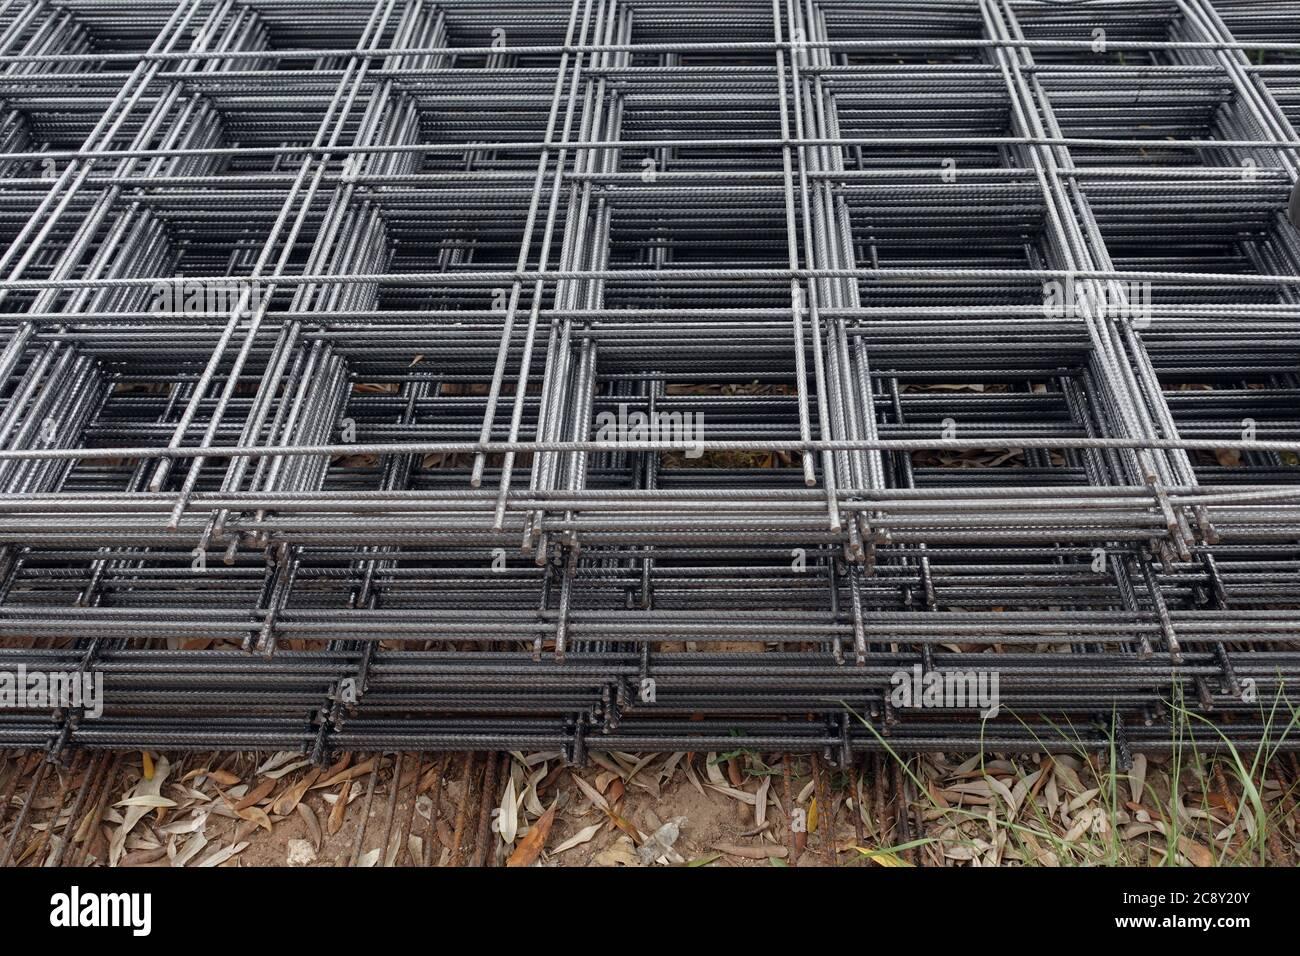 Stahldraht Betonbewehrung Mesh in der Konstruktion verwendet. Industrieller Hintergrund. Stockfoto